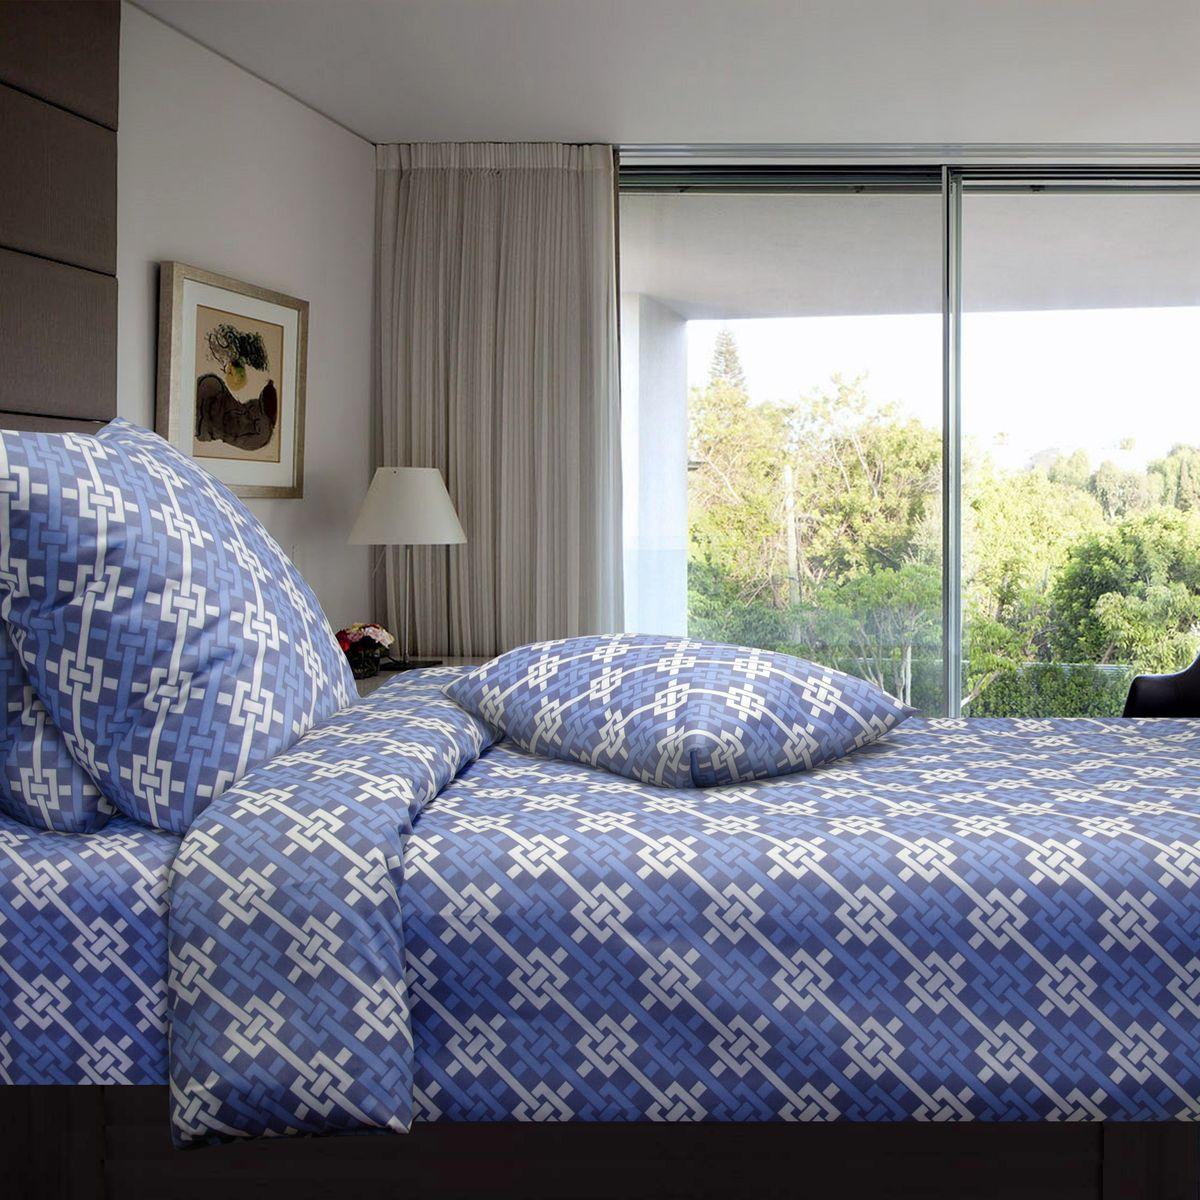 Комплект белья Коллекция Синева, 2,5-спальный, наволочки 50x70. СП2,5/50/ОЗ/синеваСП2,5/50/ОЗ/синеваКомплект постельного белья Коллекция Синева прекрасно украсит любой интерьер. Комплект выполнен из сатина. Сатин - это гладкая и прочная ткань, которая своим блеском, легкостью и гладкостью очень похожа на шелк. Ткань практически не мнется, поэтому его можно не гладить. Он практичен, так как хорошо переносит множественные стирки.